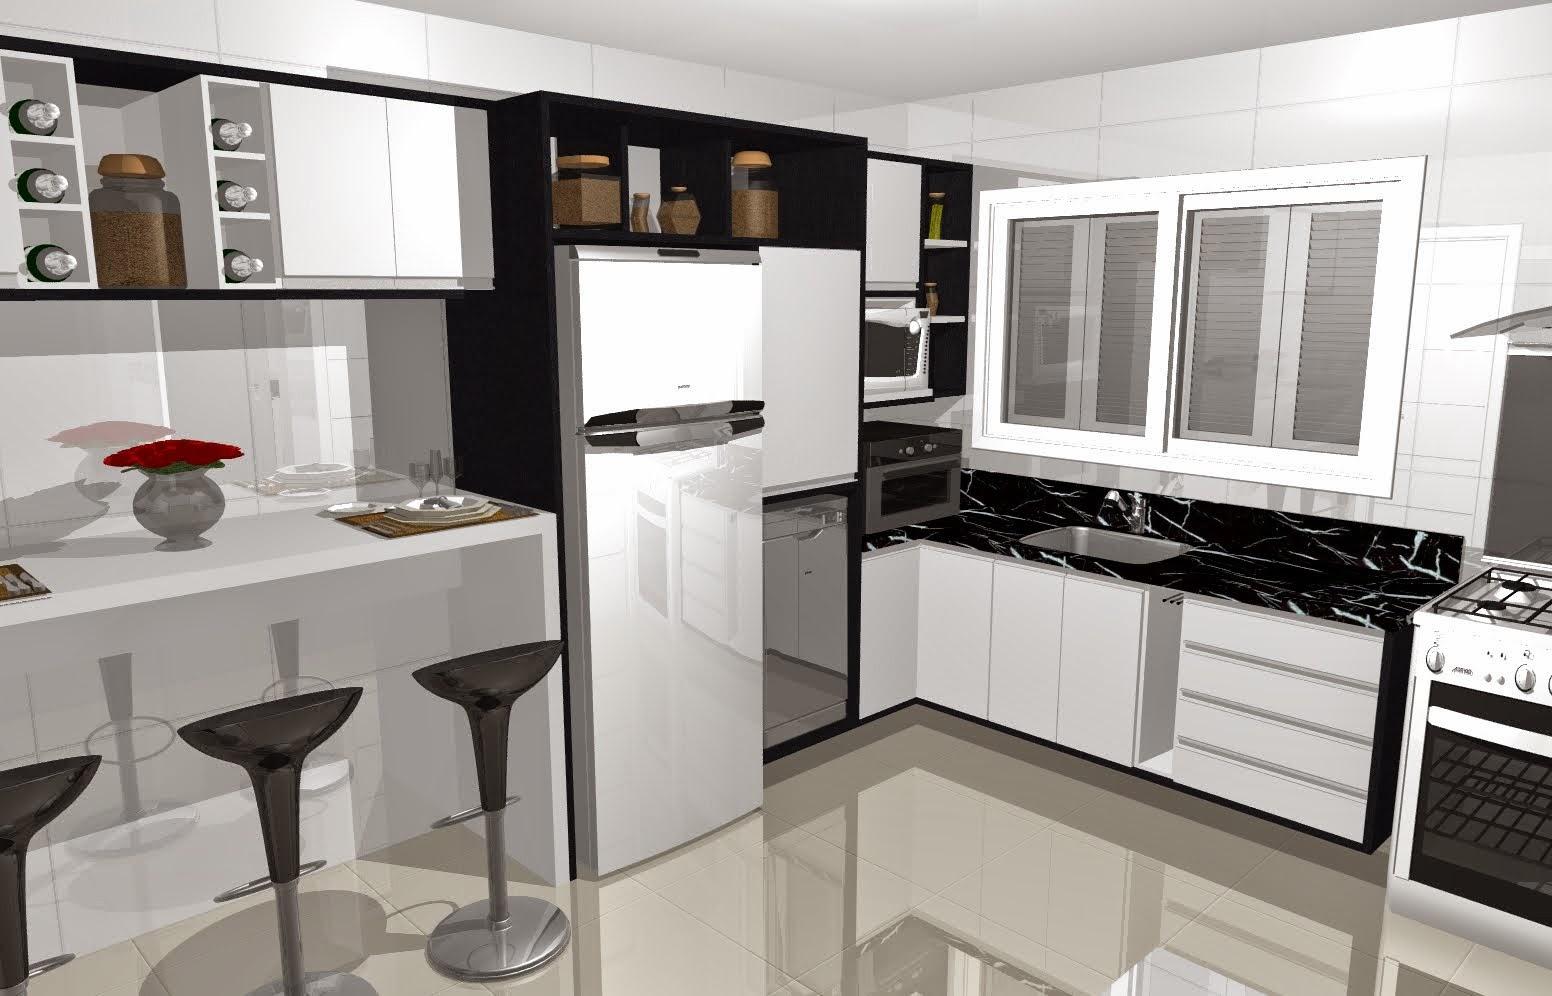 #8C643F Projetos de cozinha preta e branca Realizando um Sonho Casamento  1552x996 px Fornecedores De Cozinha_754 Imagens